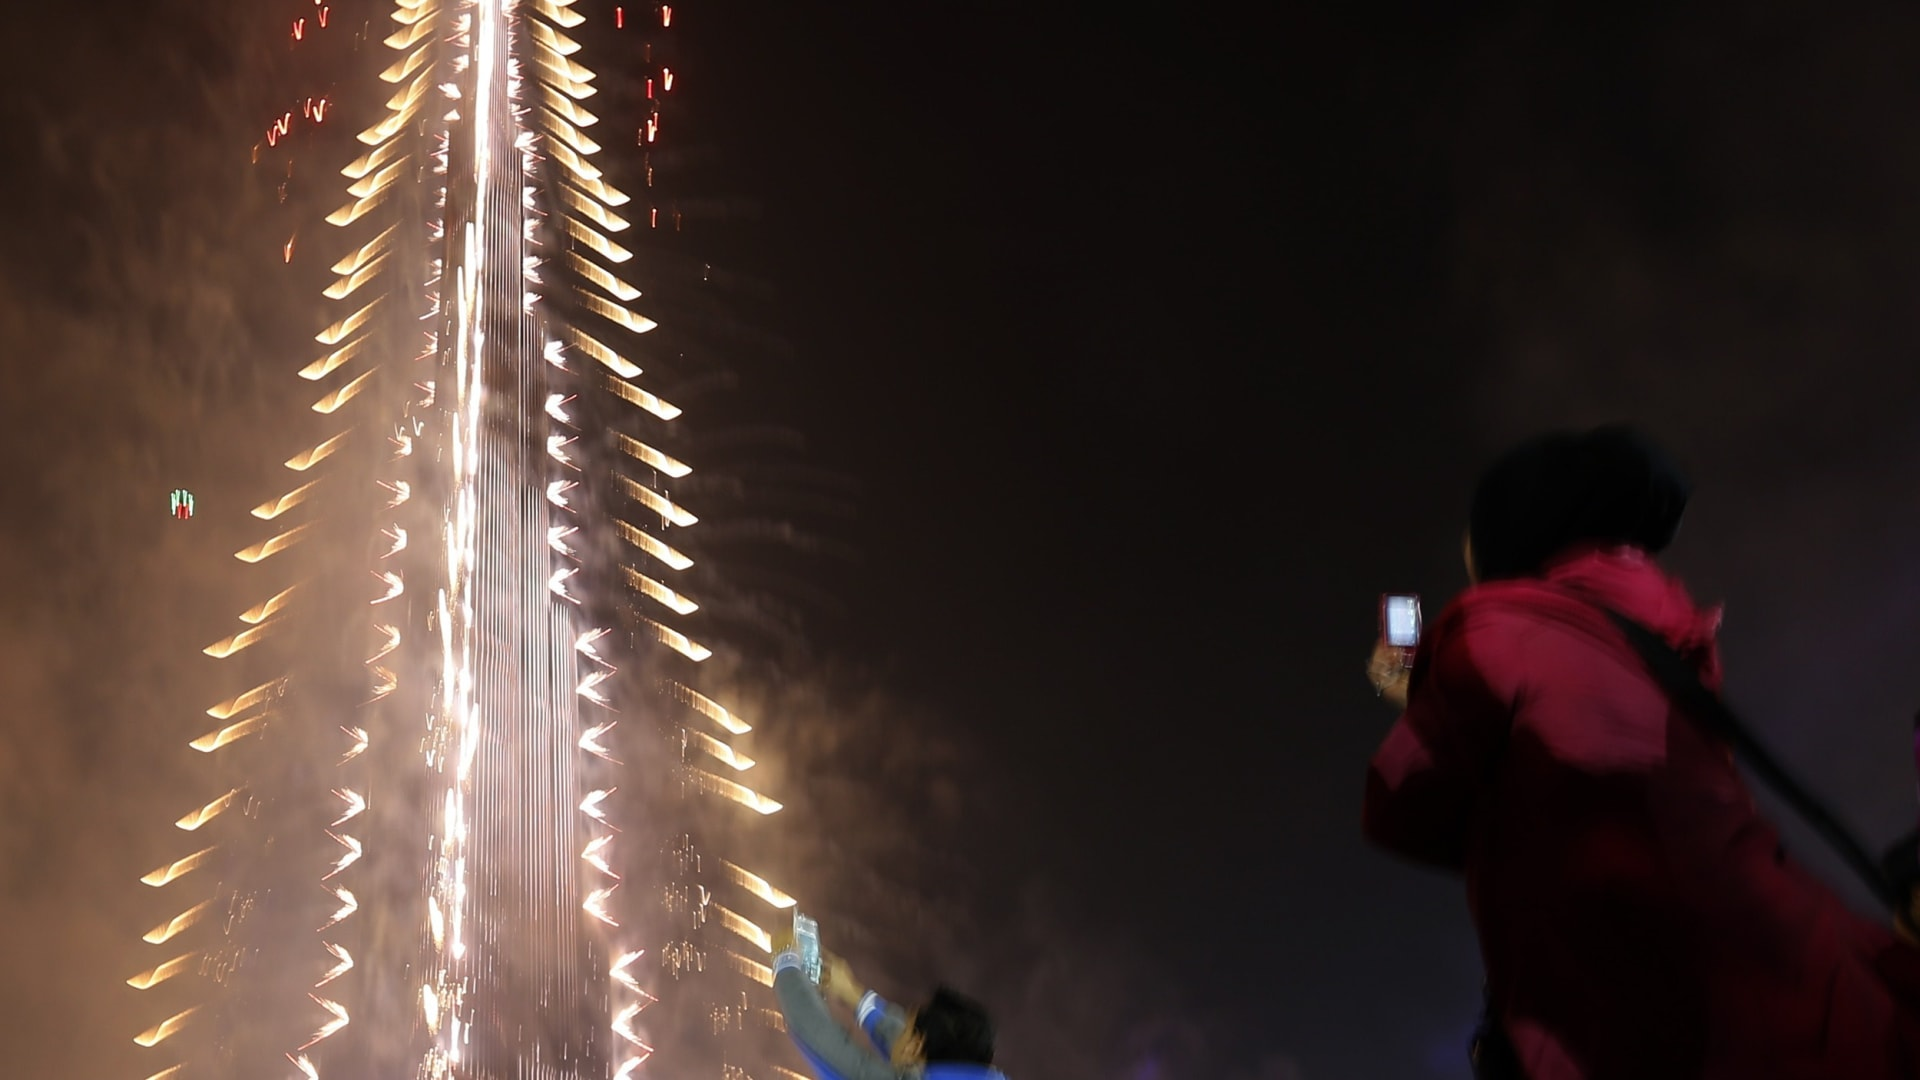 تزين برج خليفة بألوان مختلفة من الألعاب النارية.